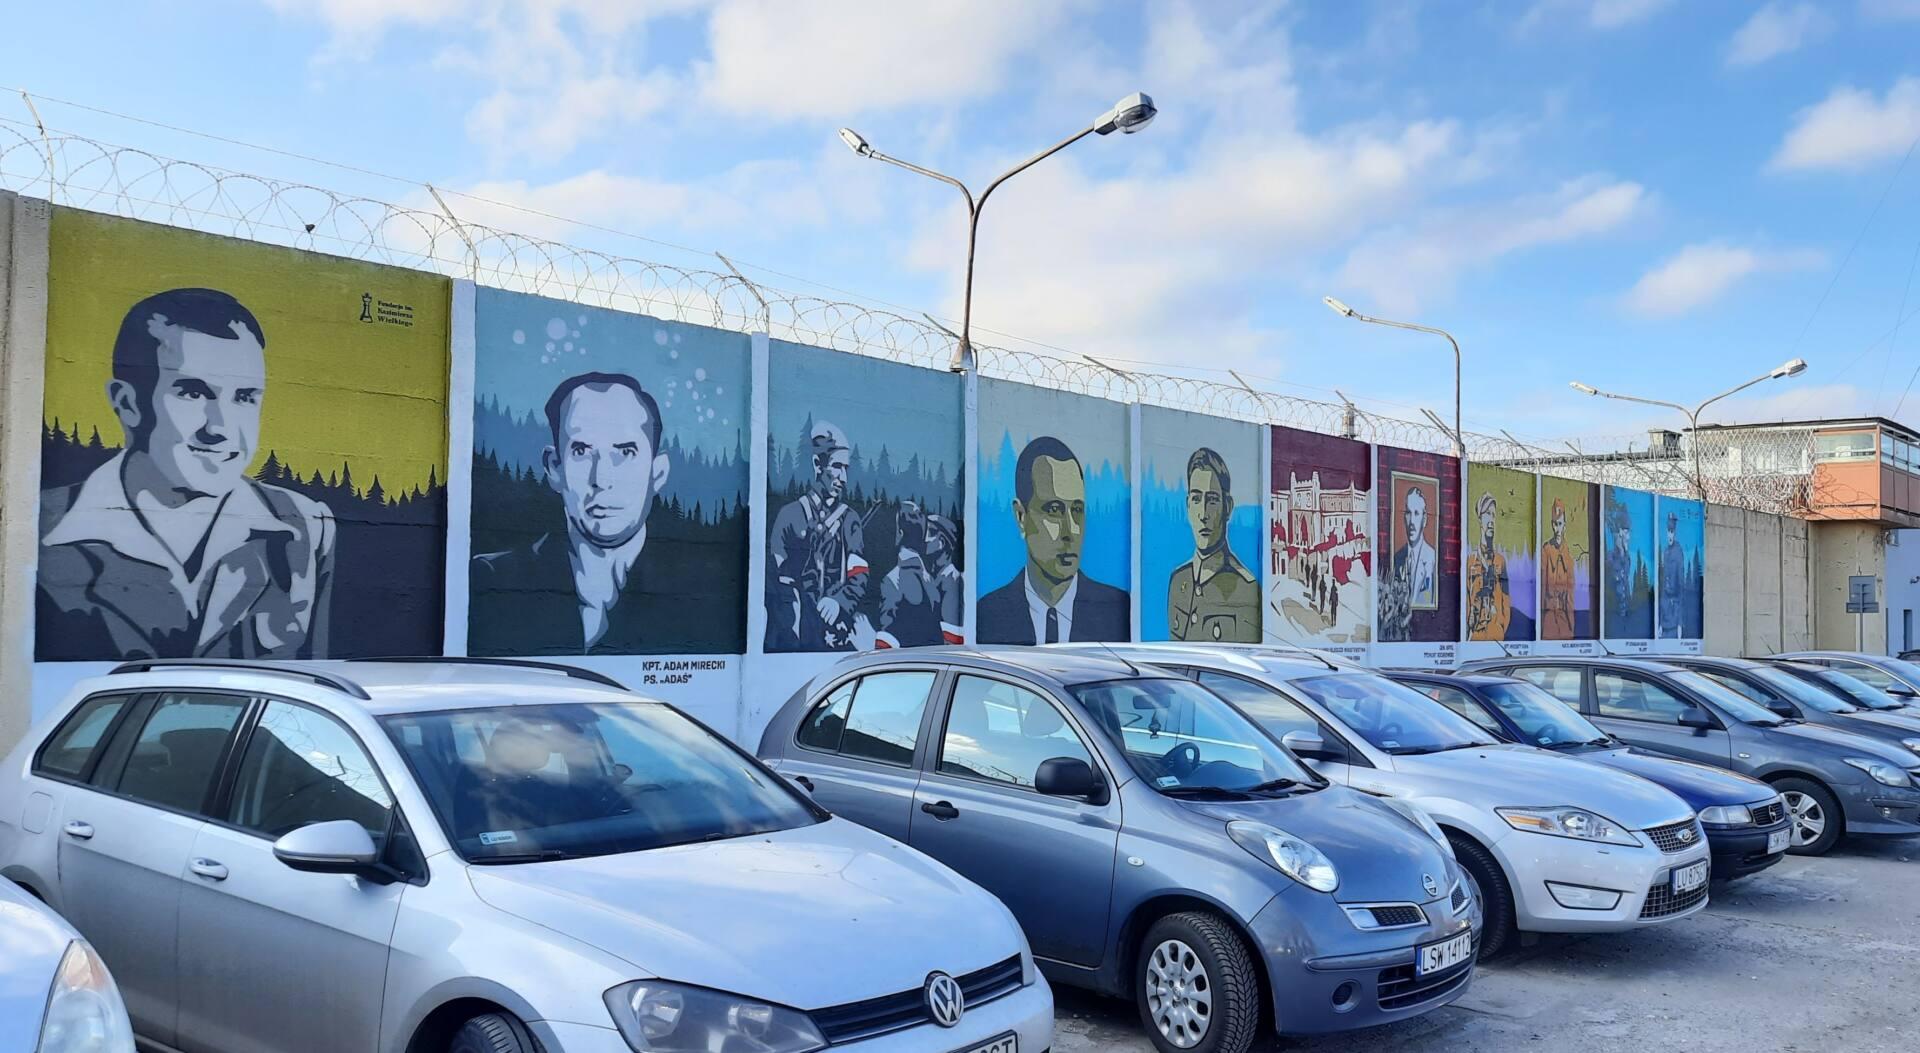 lublin 2 Na Lubelszczyźnie powstały 3 murale ku czci Żołnierzy Wyklętych. Jeden z nich w Zamościu